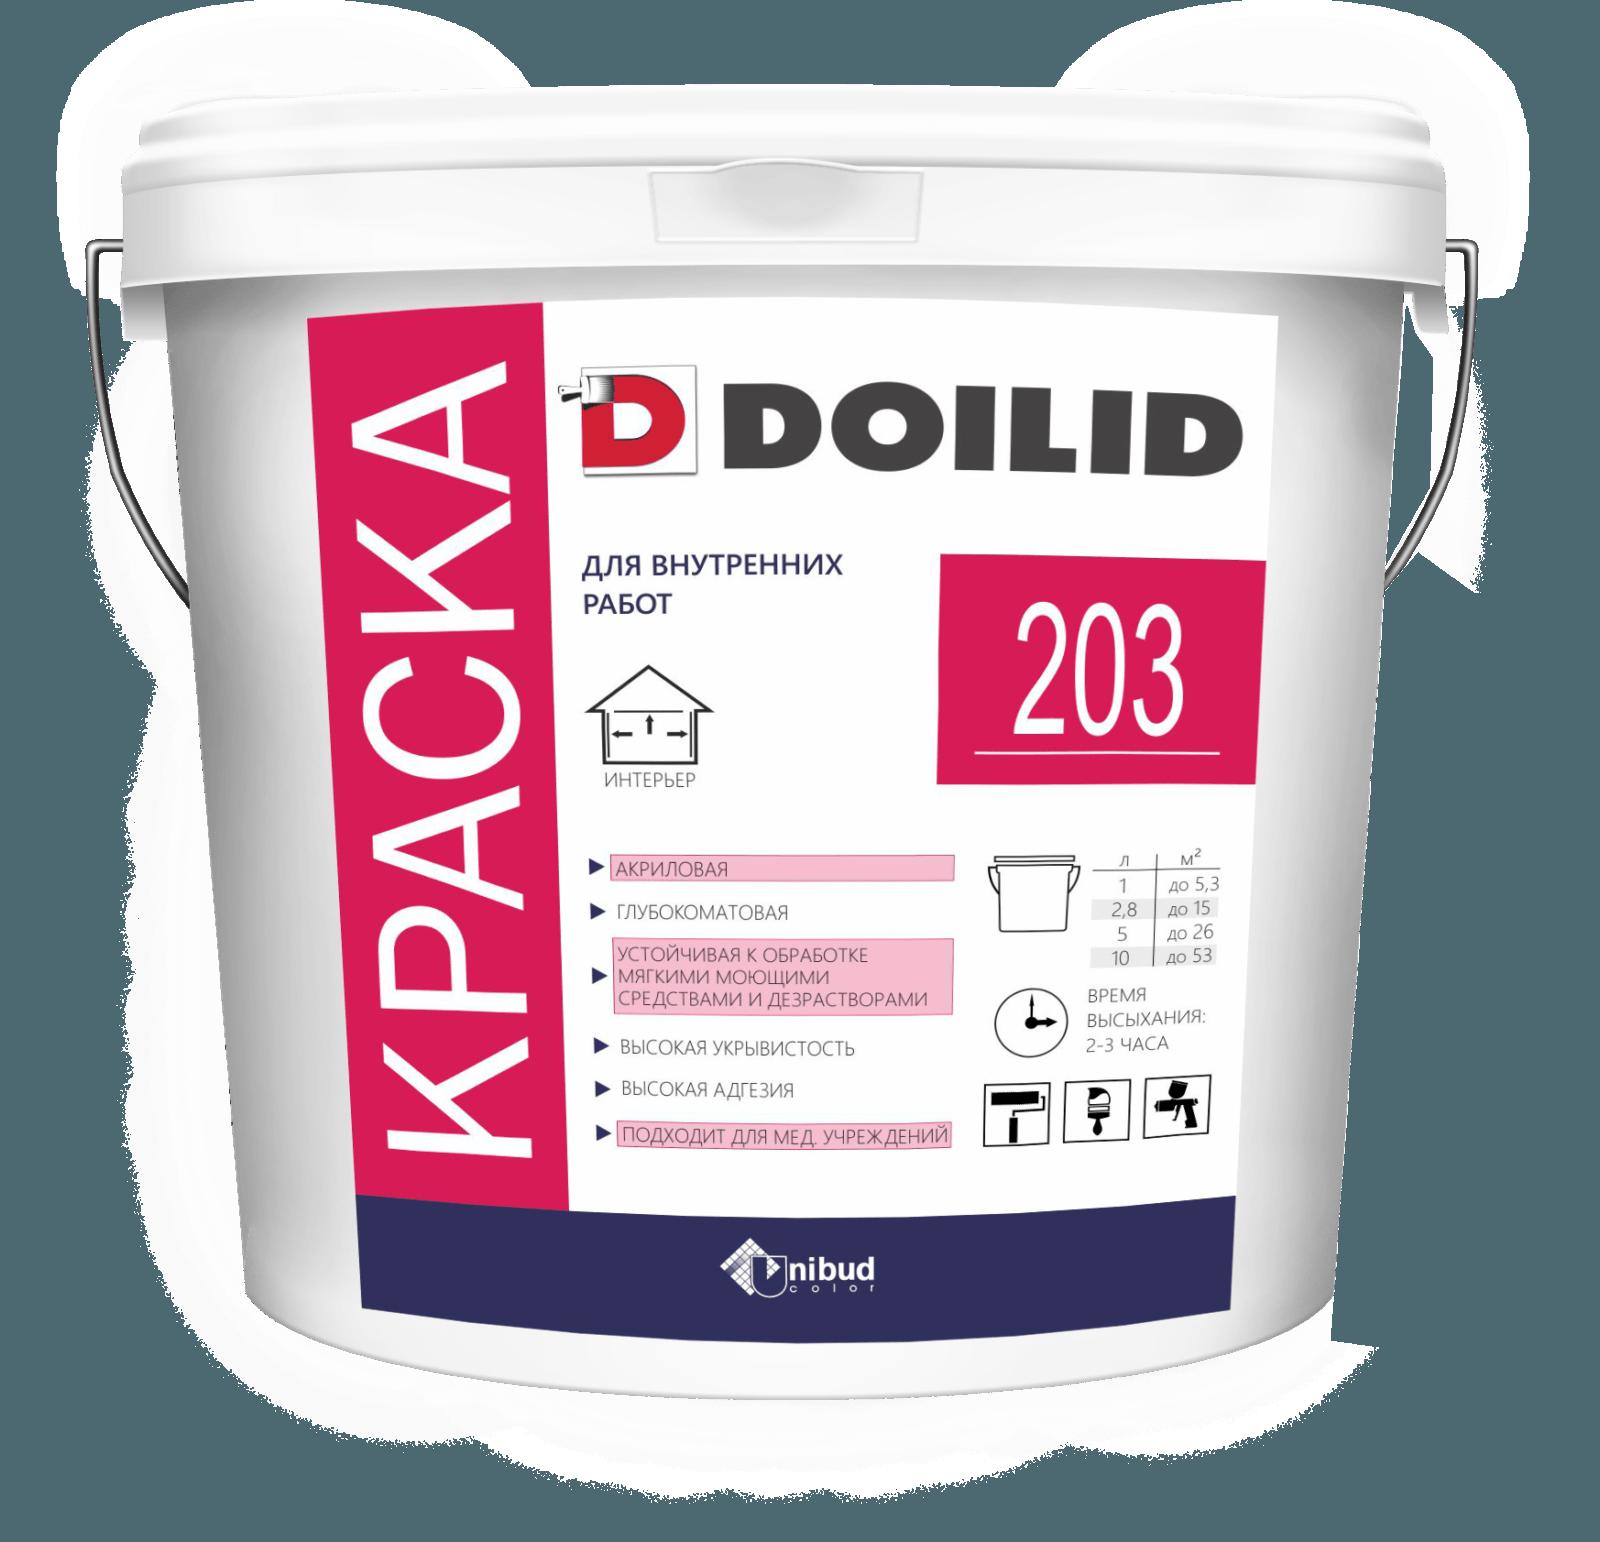 Doilid ВД-АК-203